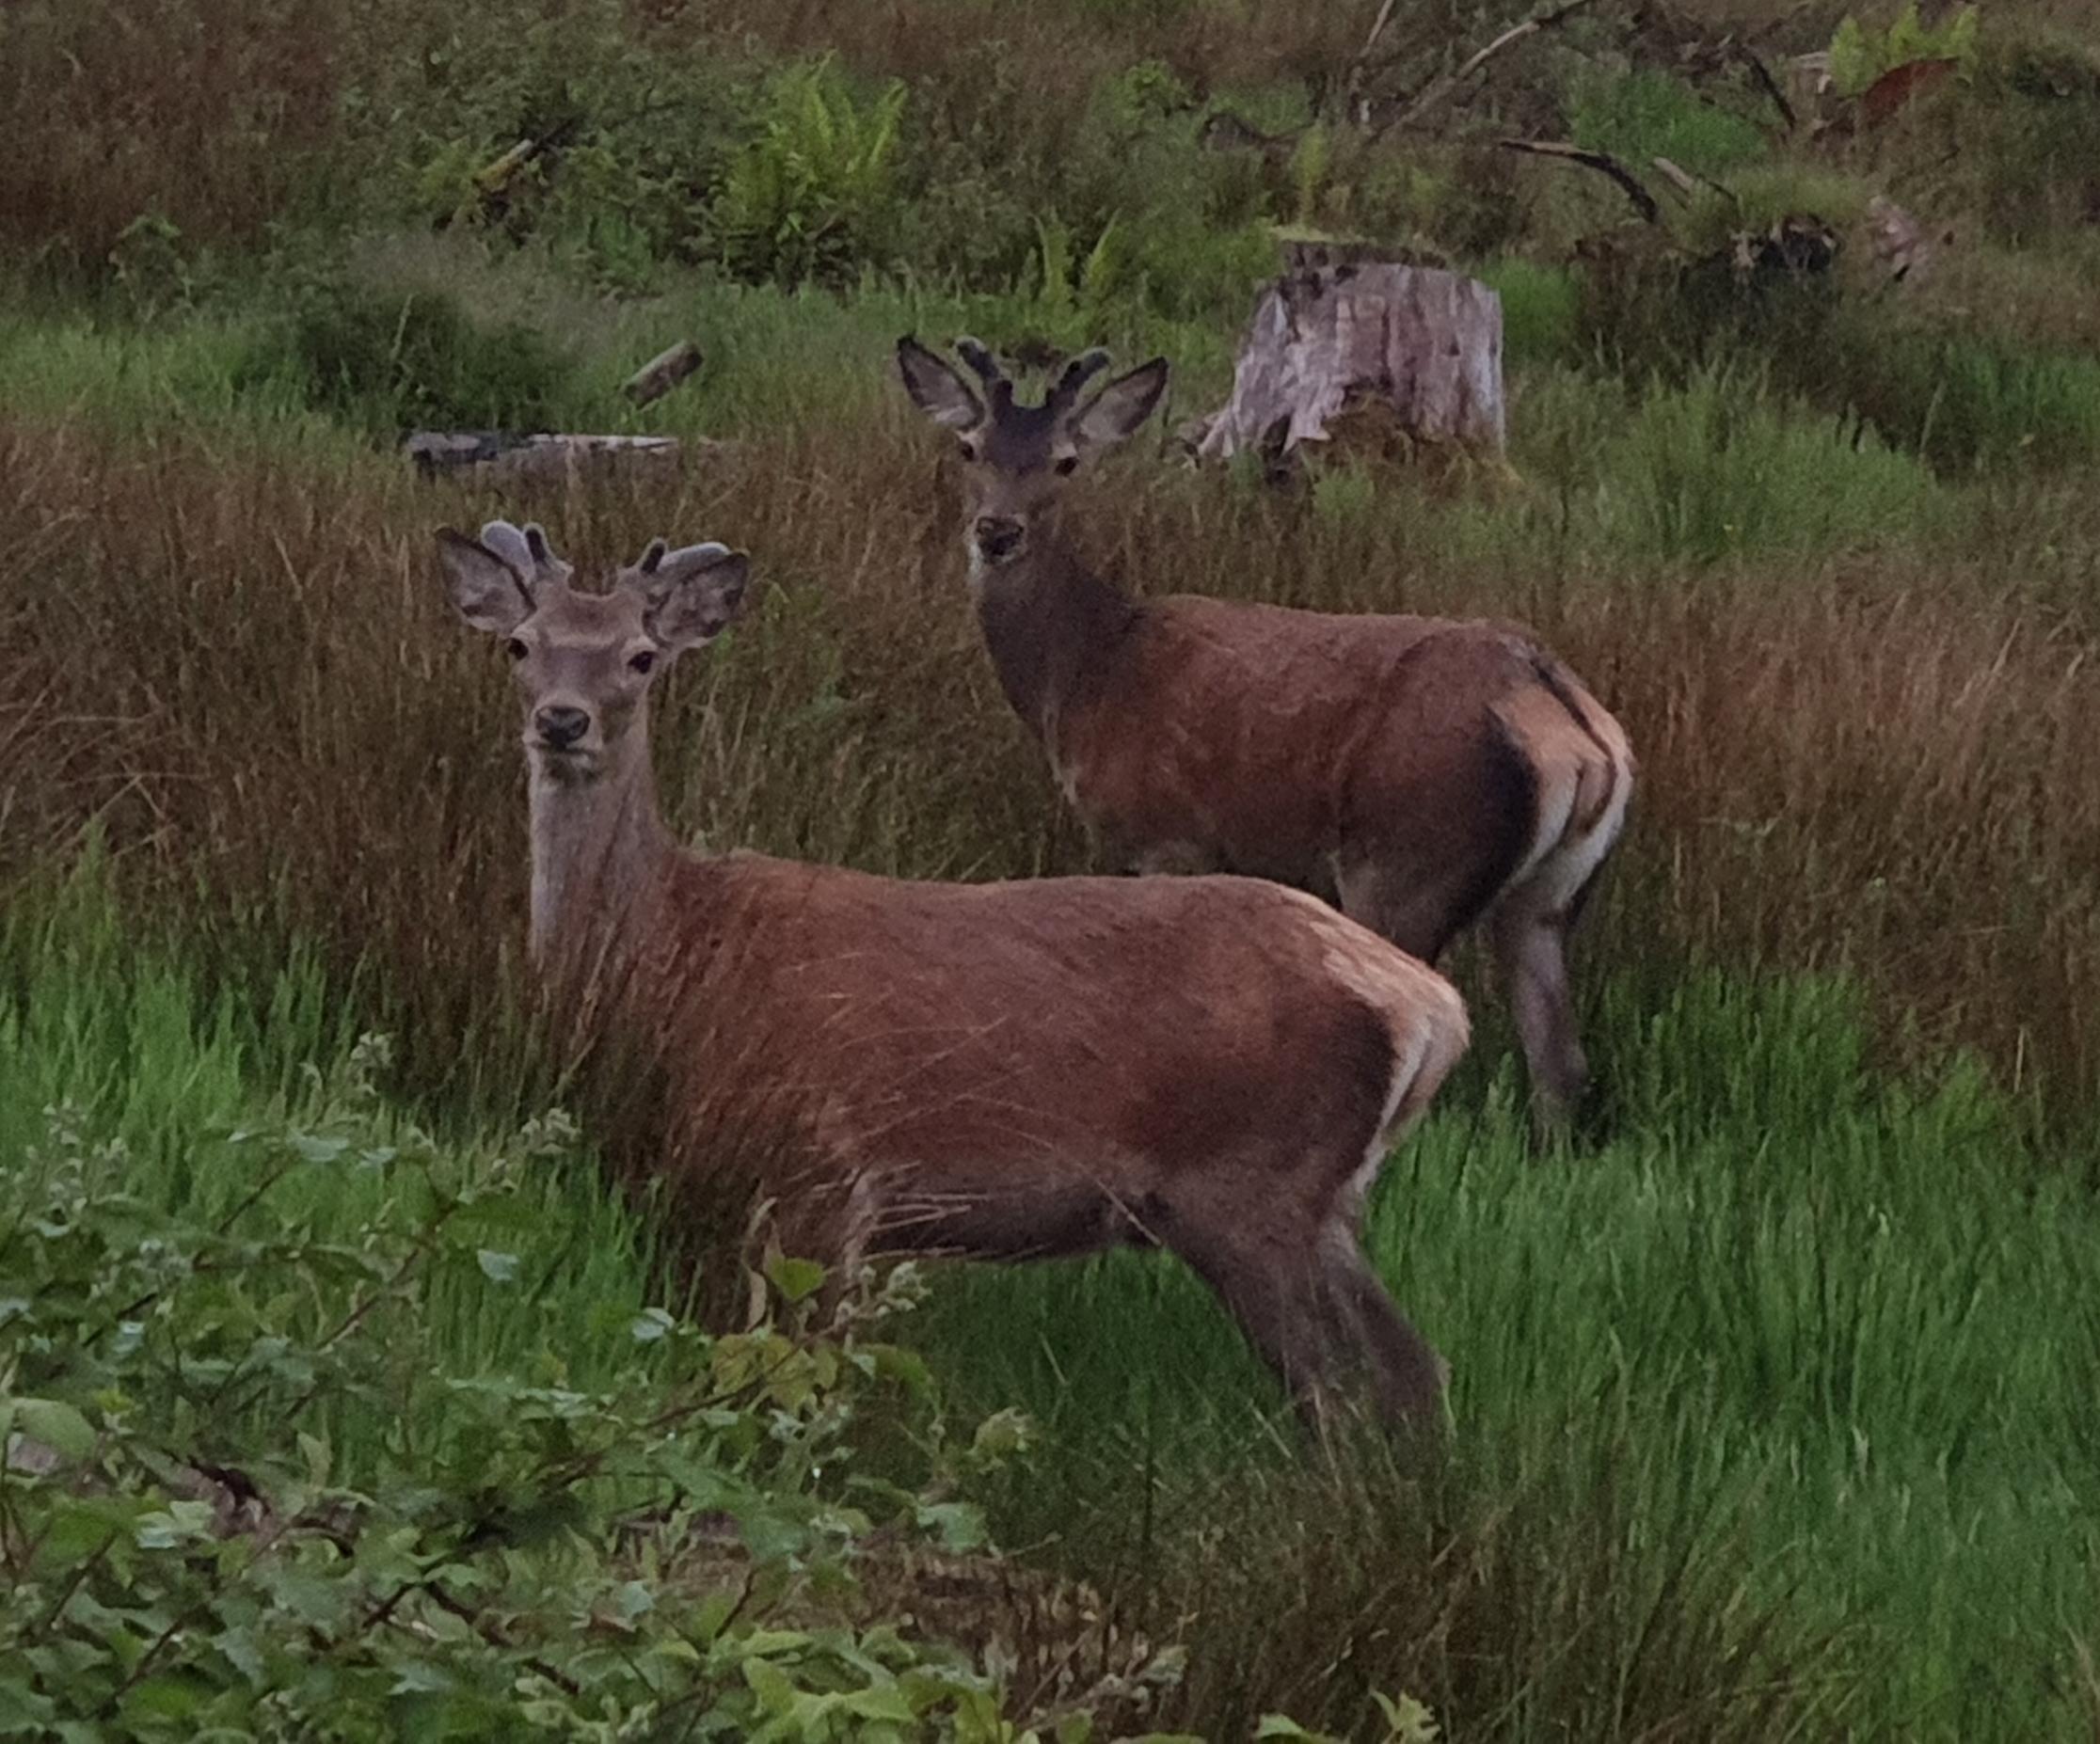 deer 20190604_212304